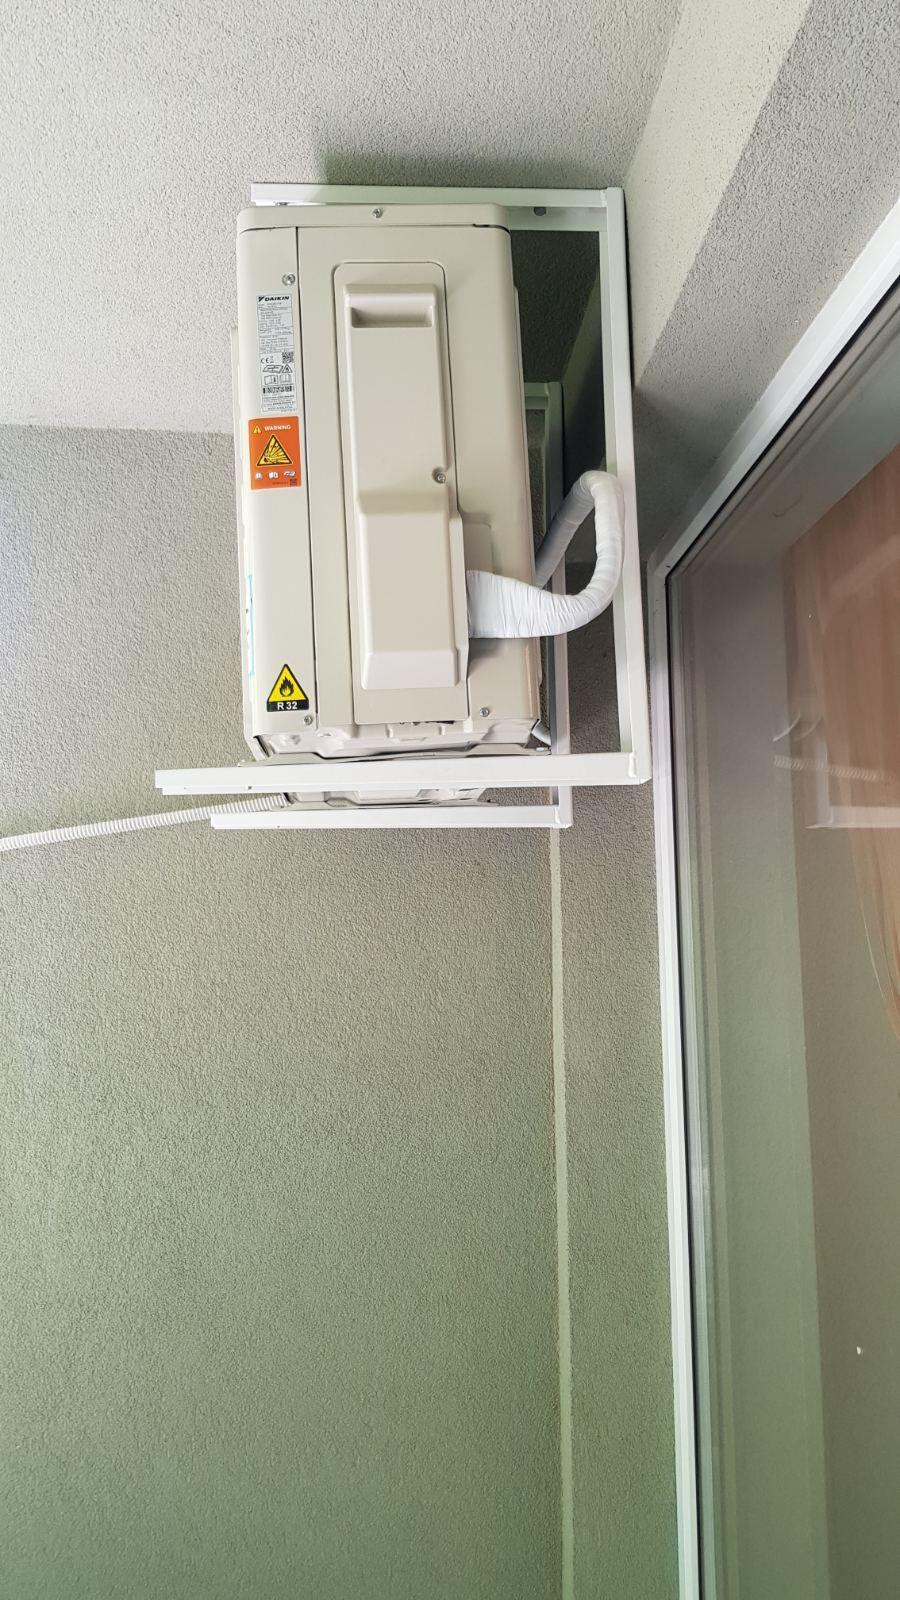 монтаж външно тяло daikin rxc50cv1b с таванни стойки